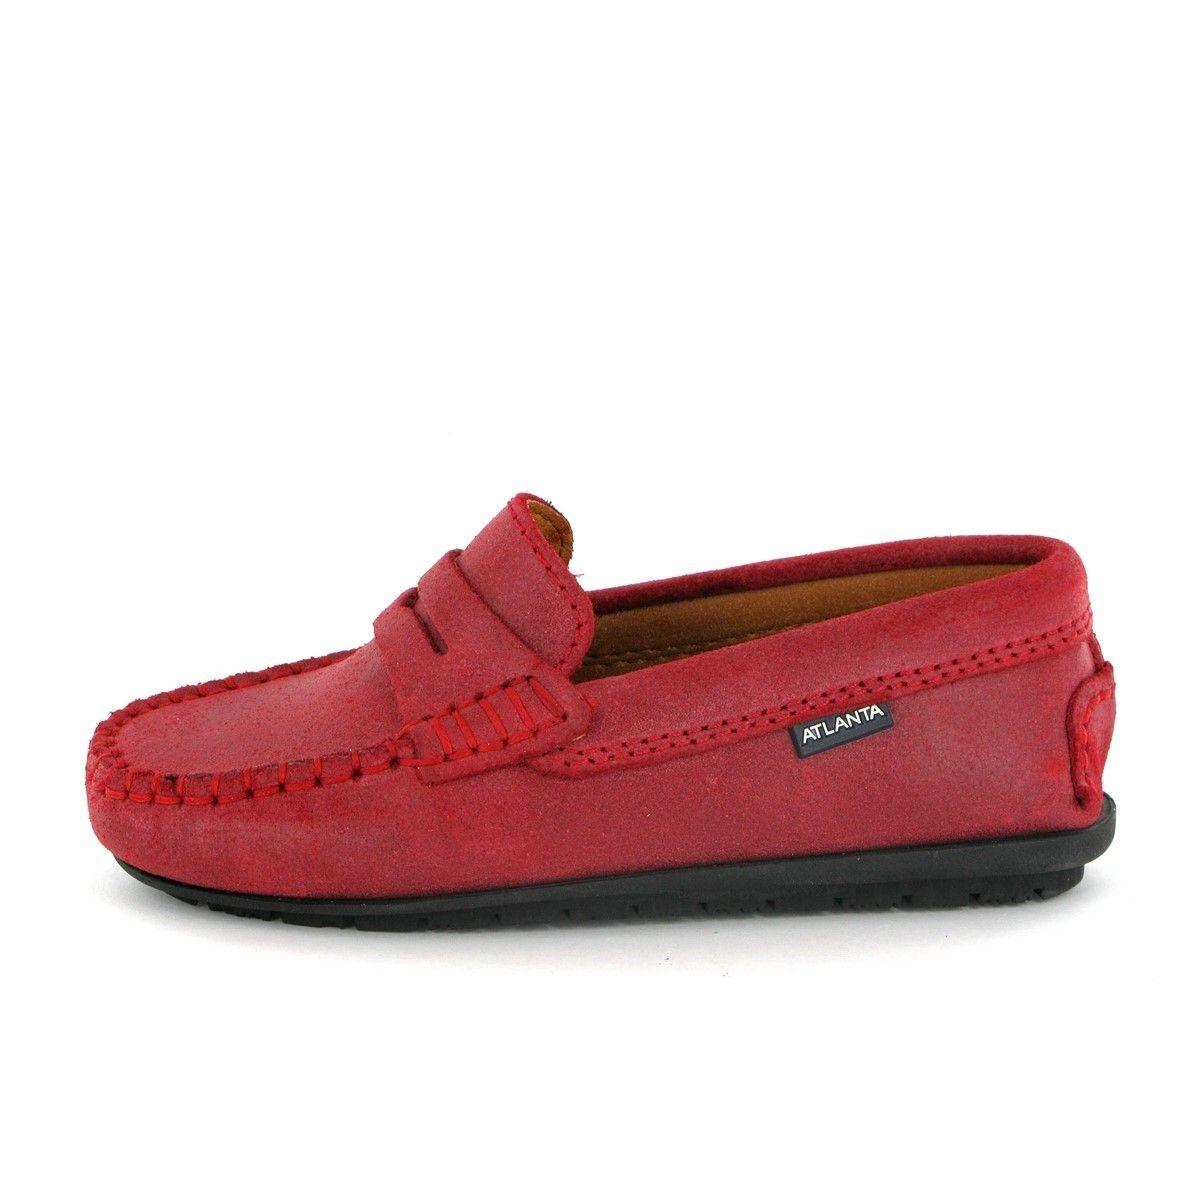 Chaussures mocassins Penny en cuir pour enfants